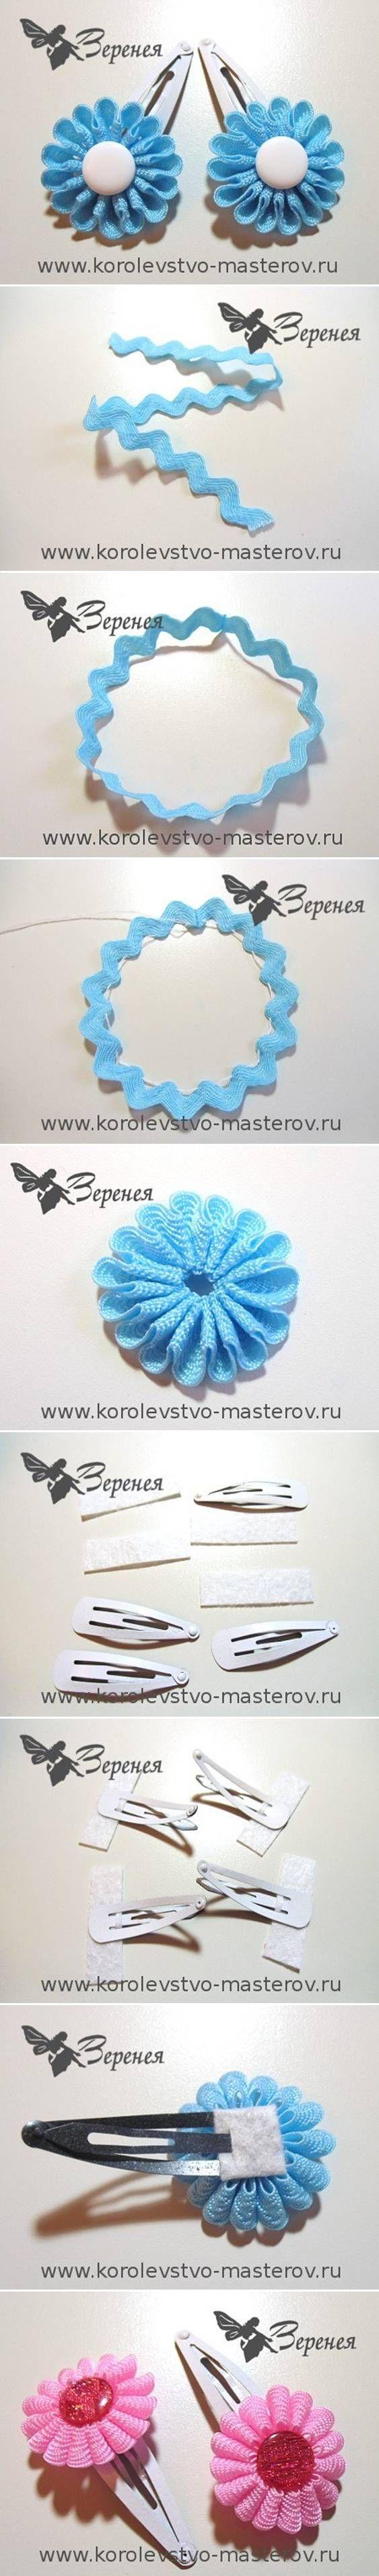 flor en zic zac